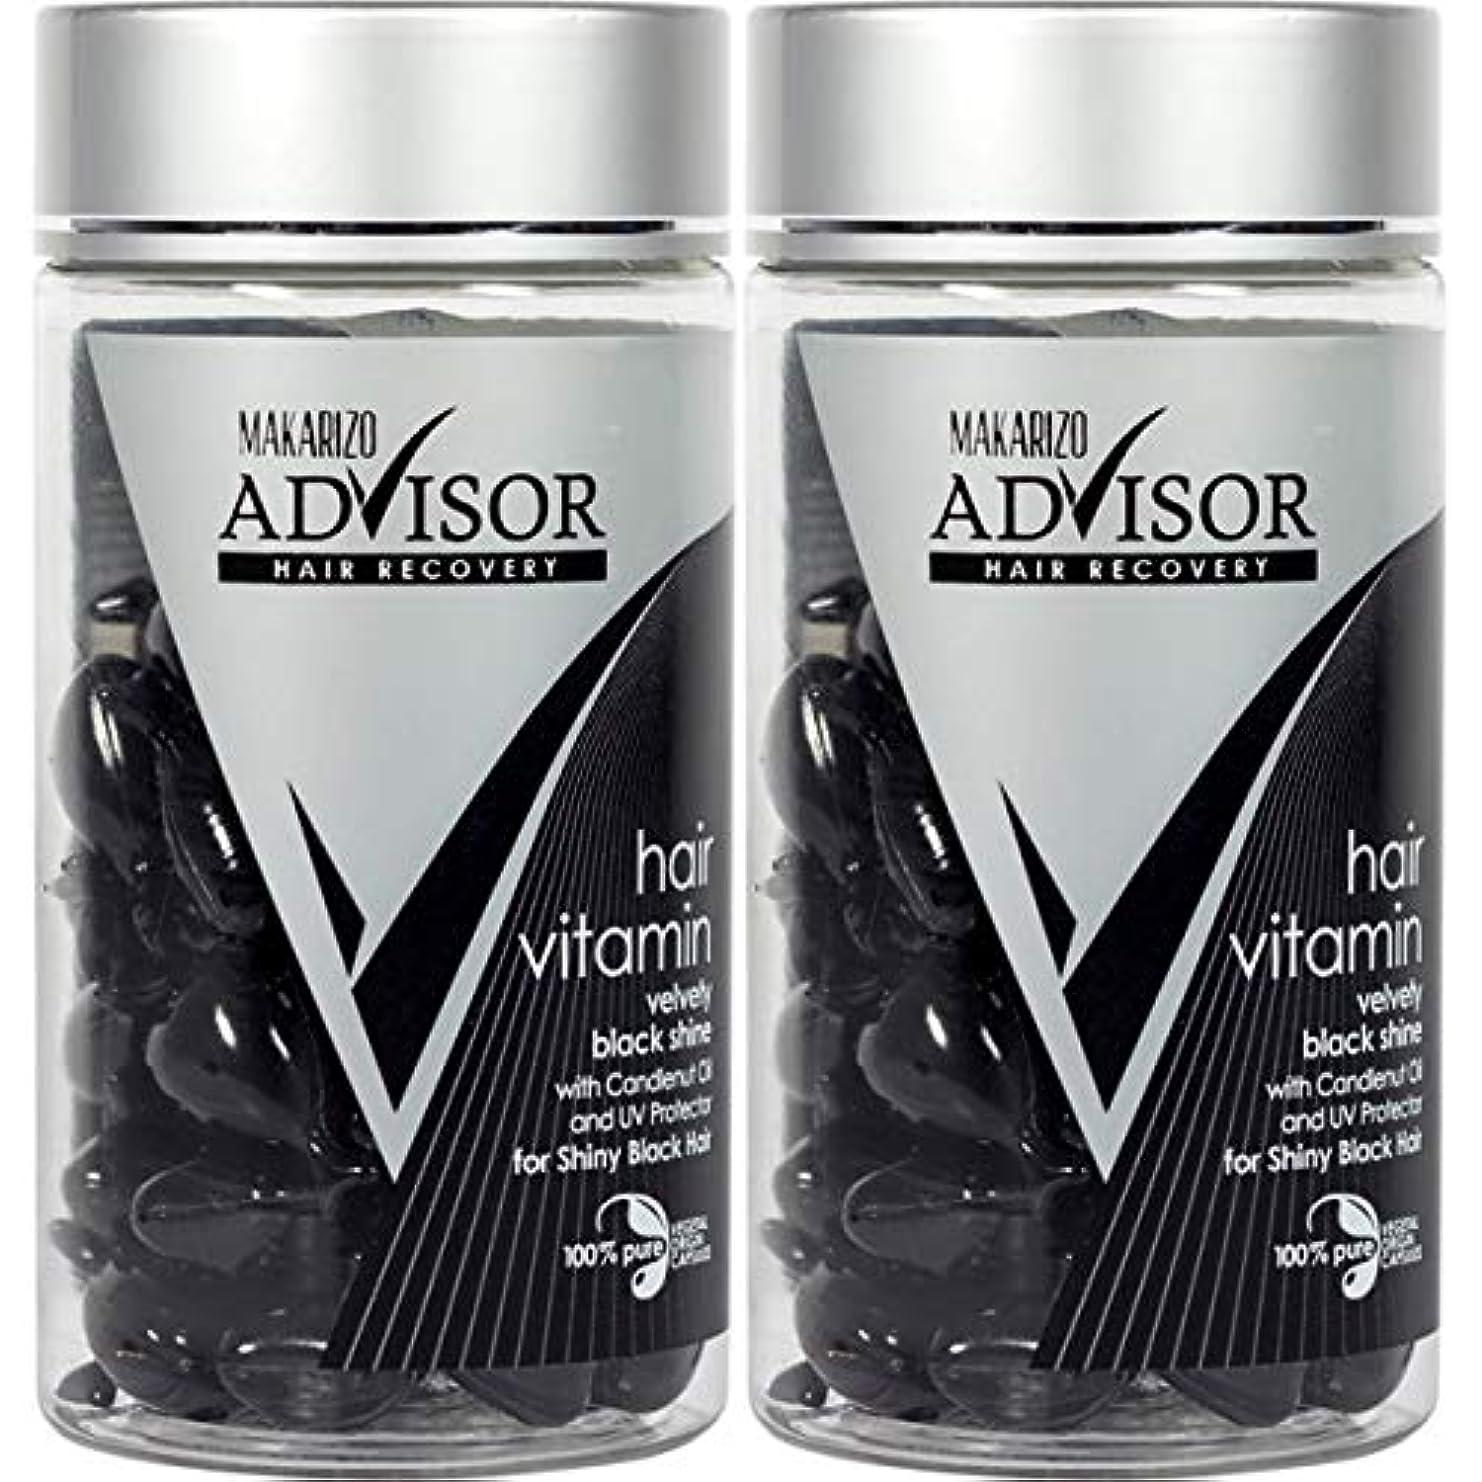 チロ反響するおなじみのMAKARIZO マカリゾ Advisor アドバイザー Hair Vitamin ヘアビタミン 50粒入ボトル×2個セット Velvety Black Shine ブラック [海外直送品]